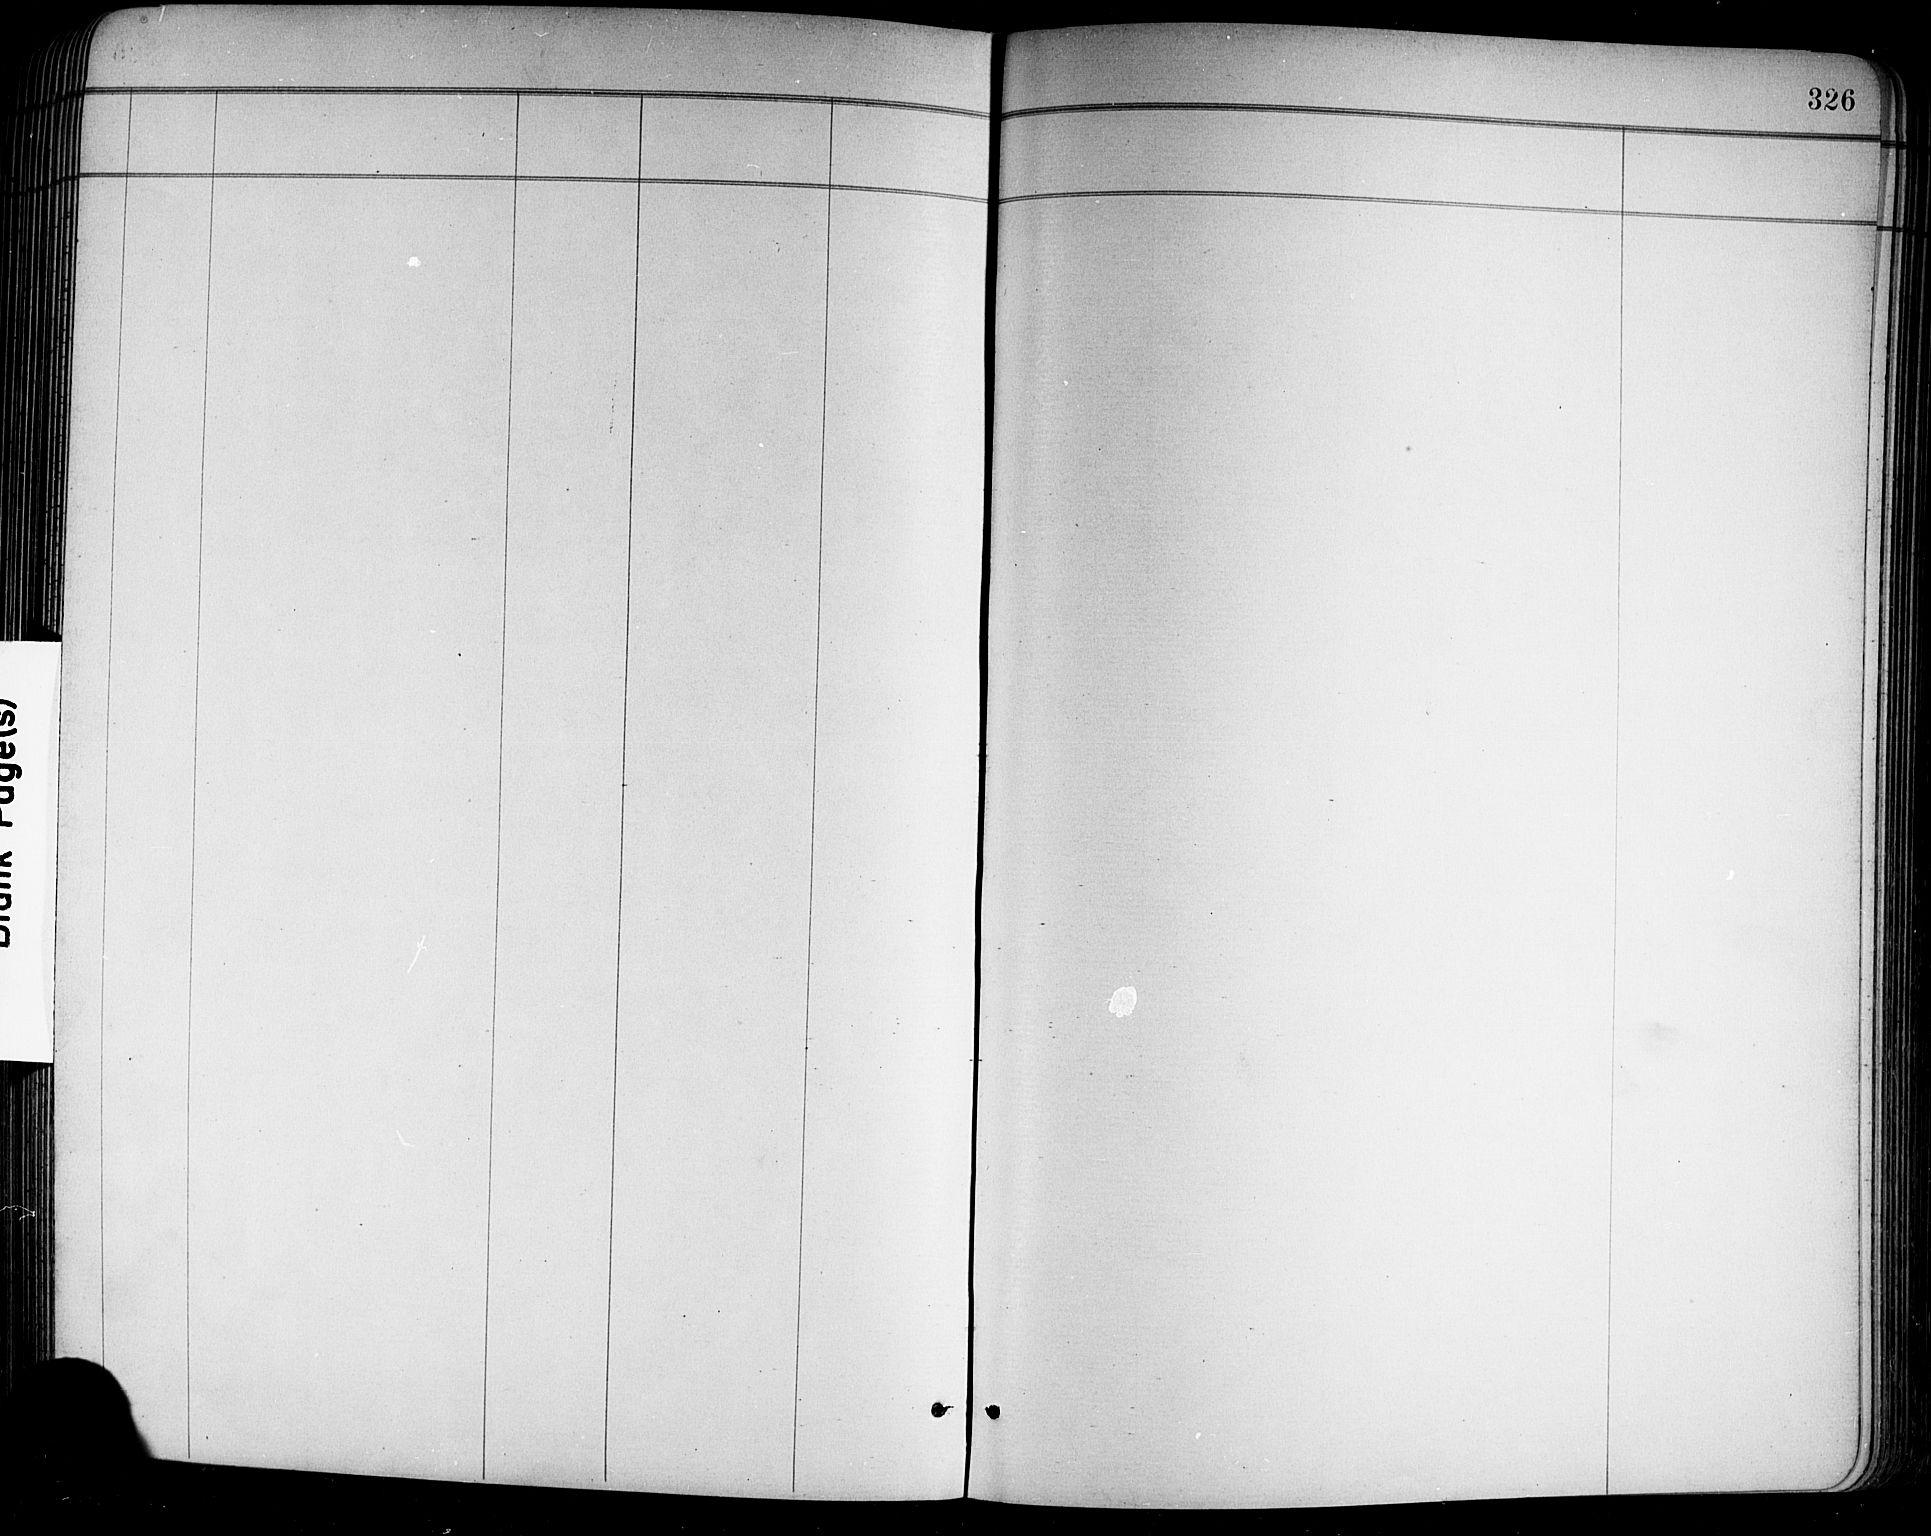 SAKO, Holla kirkebøker, G/Ga/L0005: Klokkerbok nr. I 5, 1891-1917, s. 326